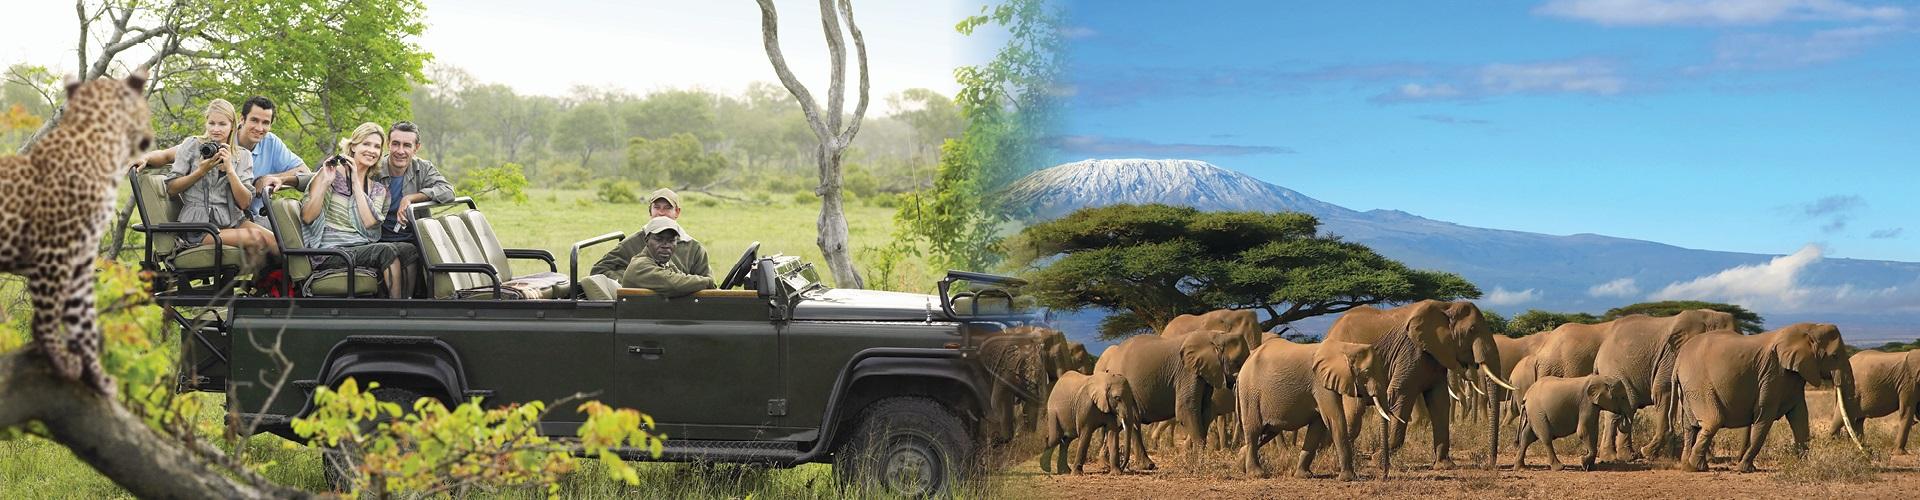 דרום אפריקה - מסע אל שמורות הטבע הענקיות כולל הצ'ובה והקרוגר ועד למפלי ויקטוריה